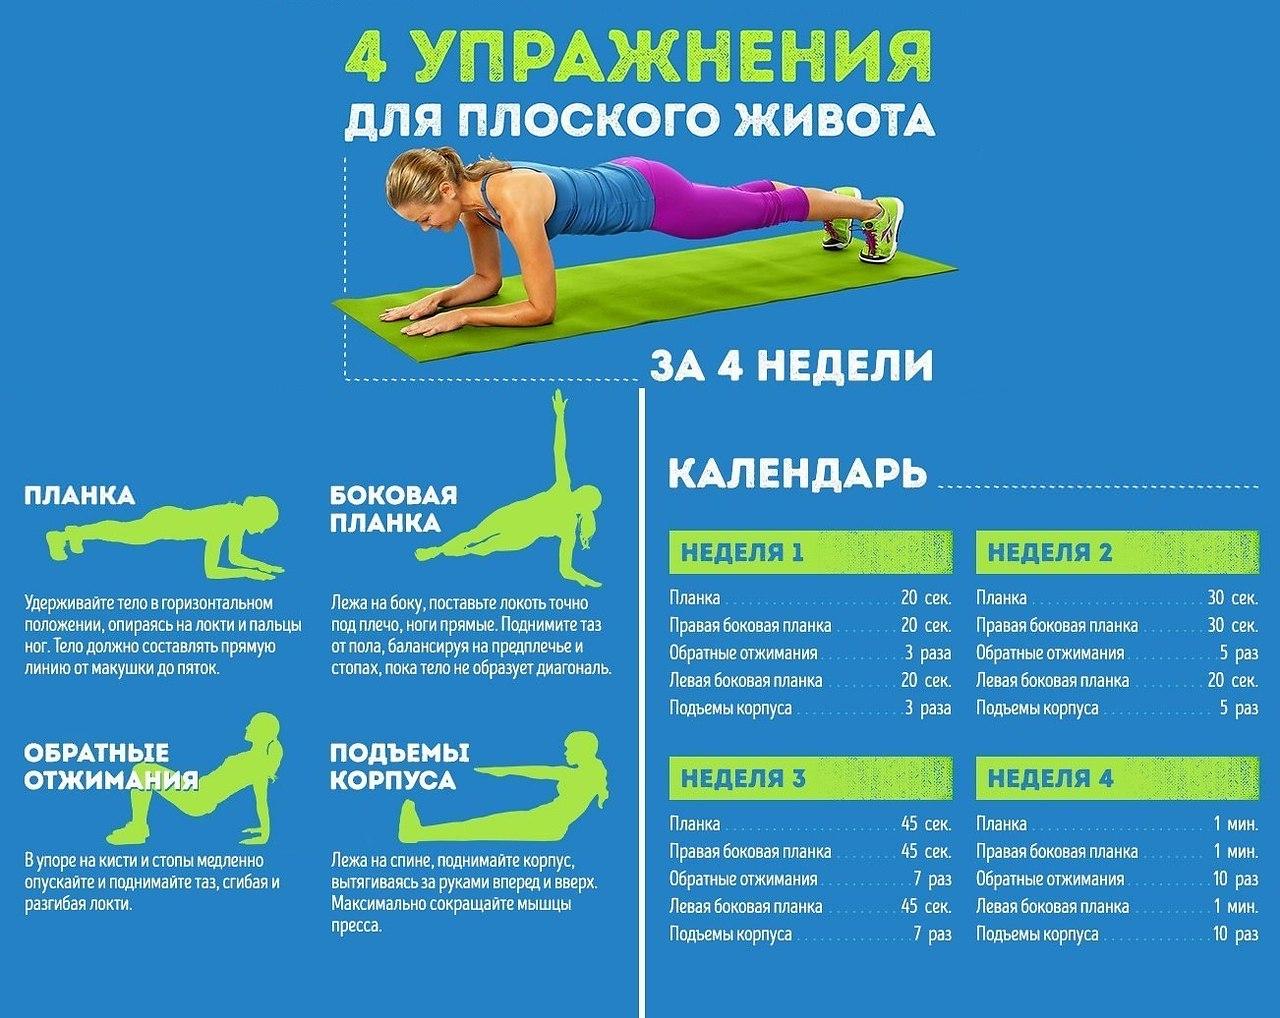 Эффективно Похудеть В Животе. Как быстро похудеть в талии и животе. Упражнение, диеты, питание, обертывания в домашних условиях